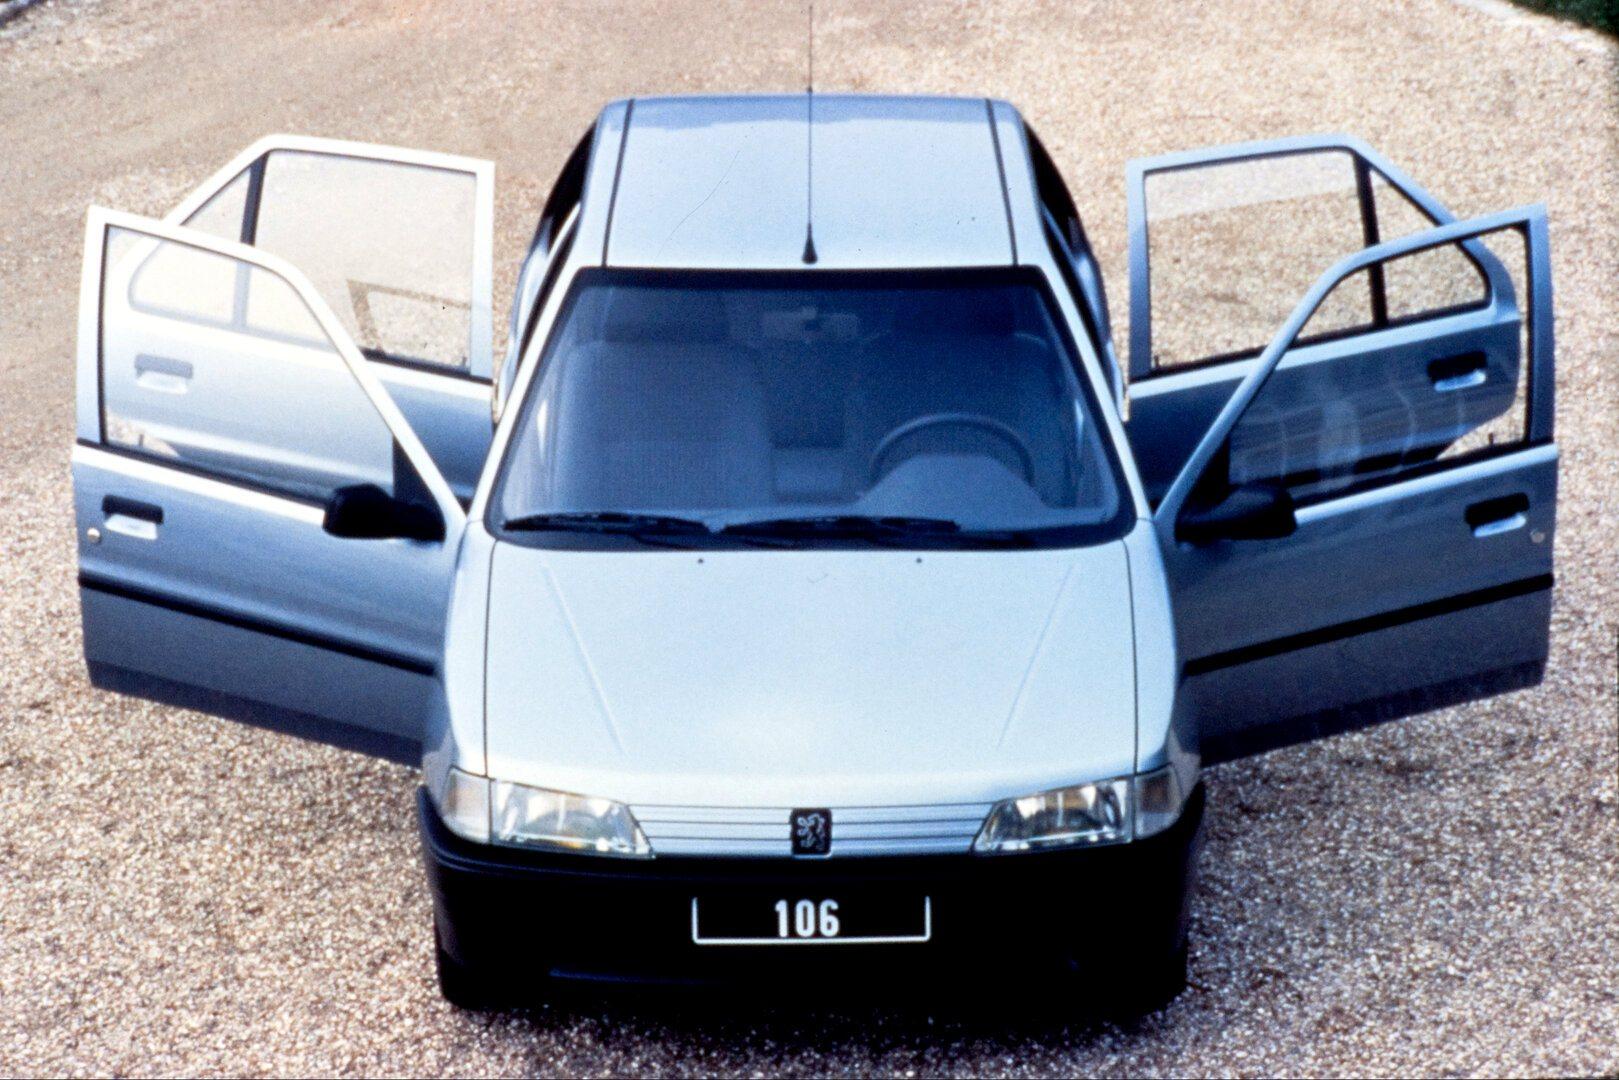 Coche del día: Peugeot 106 1.1 XR